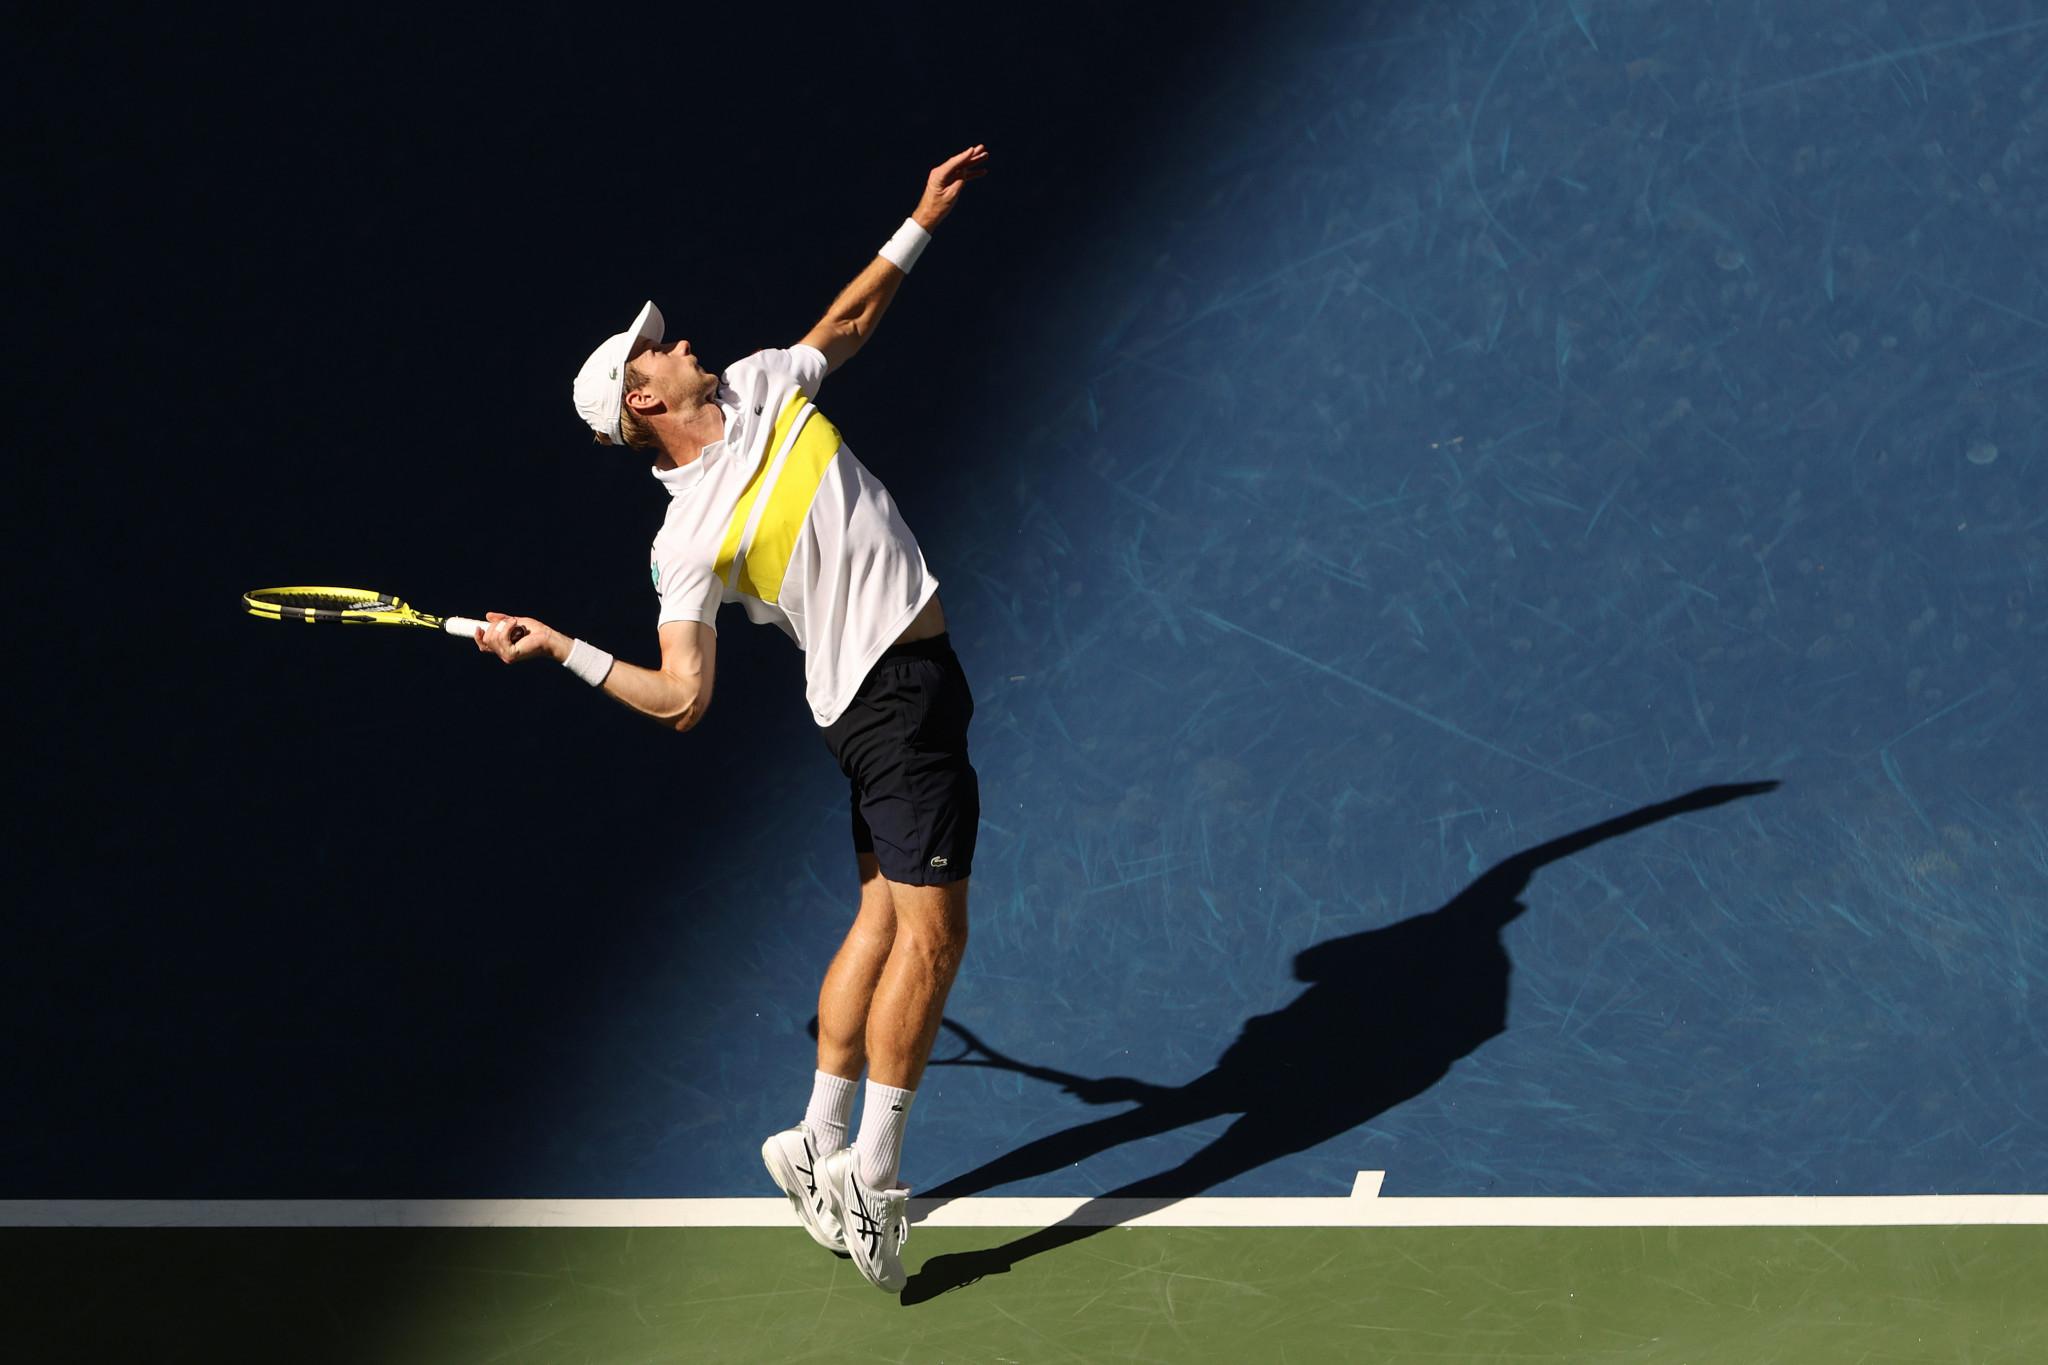 Medvedev ended the run of Dutch qualifier Botic van de Zandschulp in New York ©Getty Images